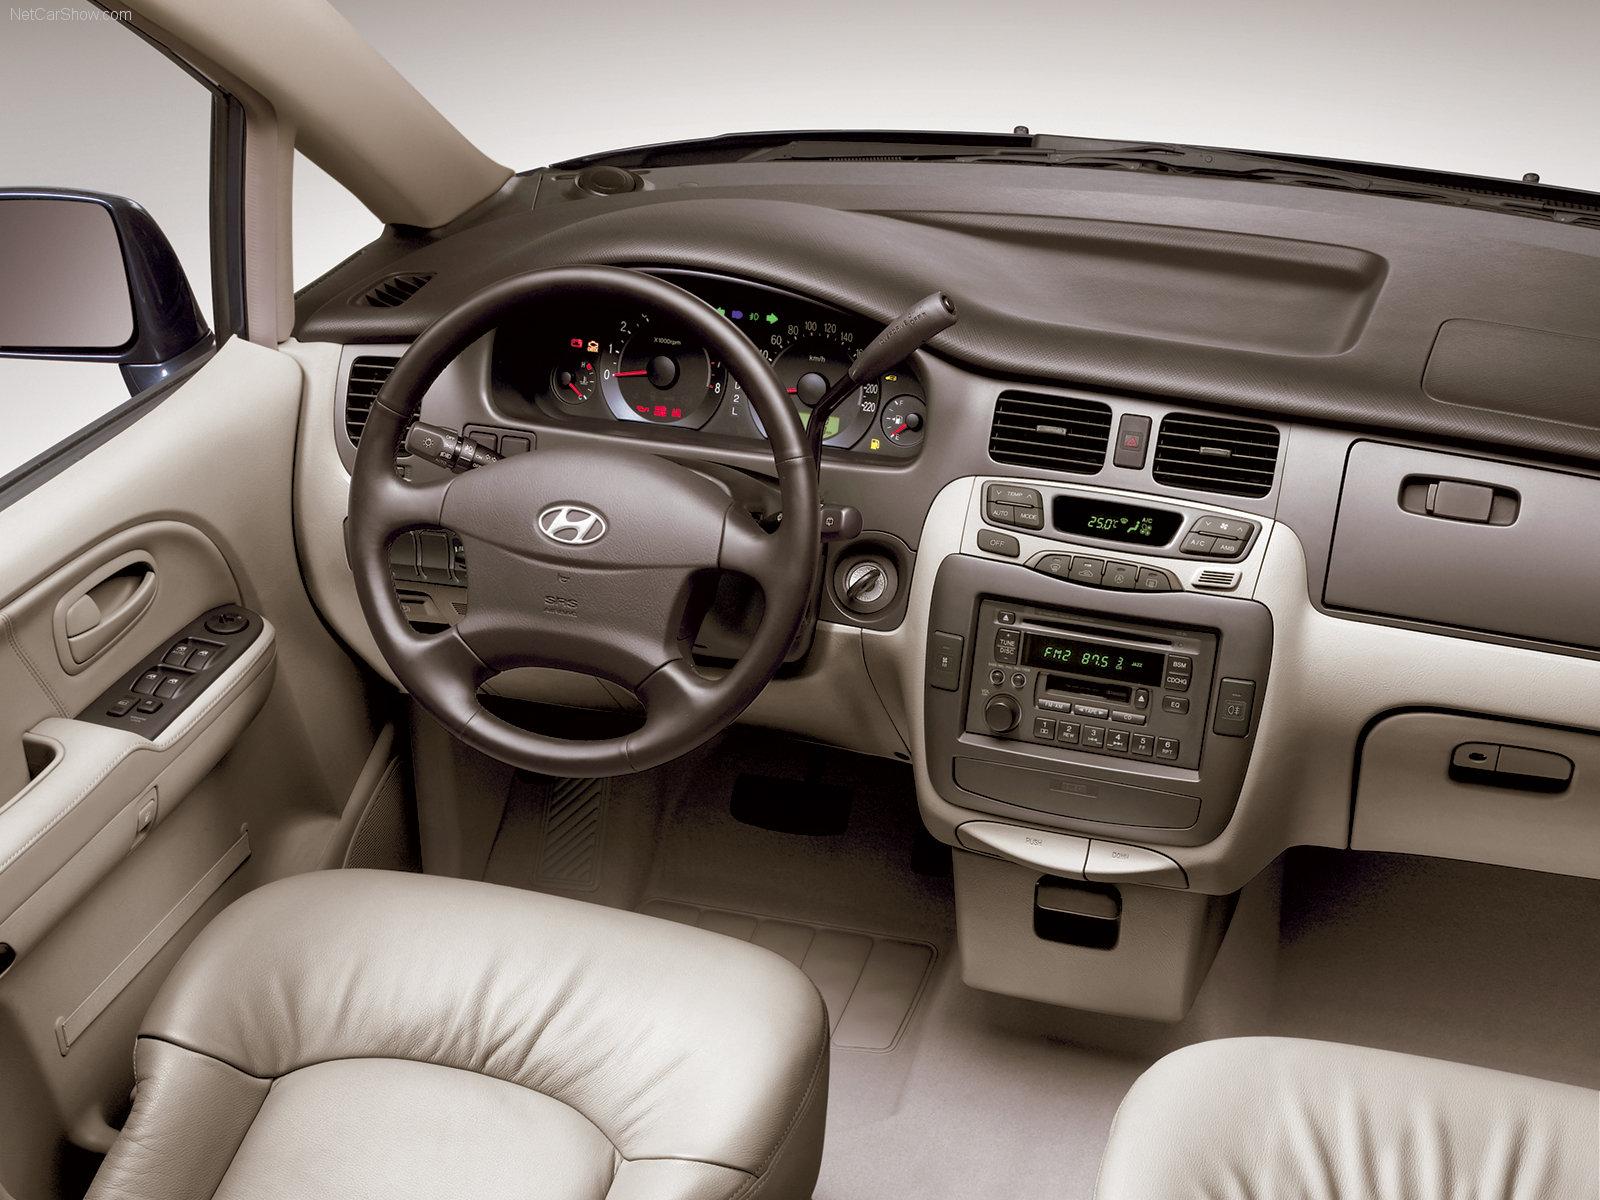 hyundai trajet rh roadsmile com Hyundai Elantra Wiring-Diagram 2009 Hyundai  Sonata Engine Diagram